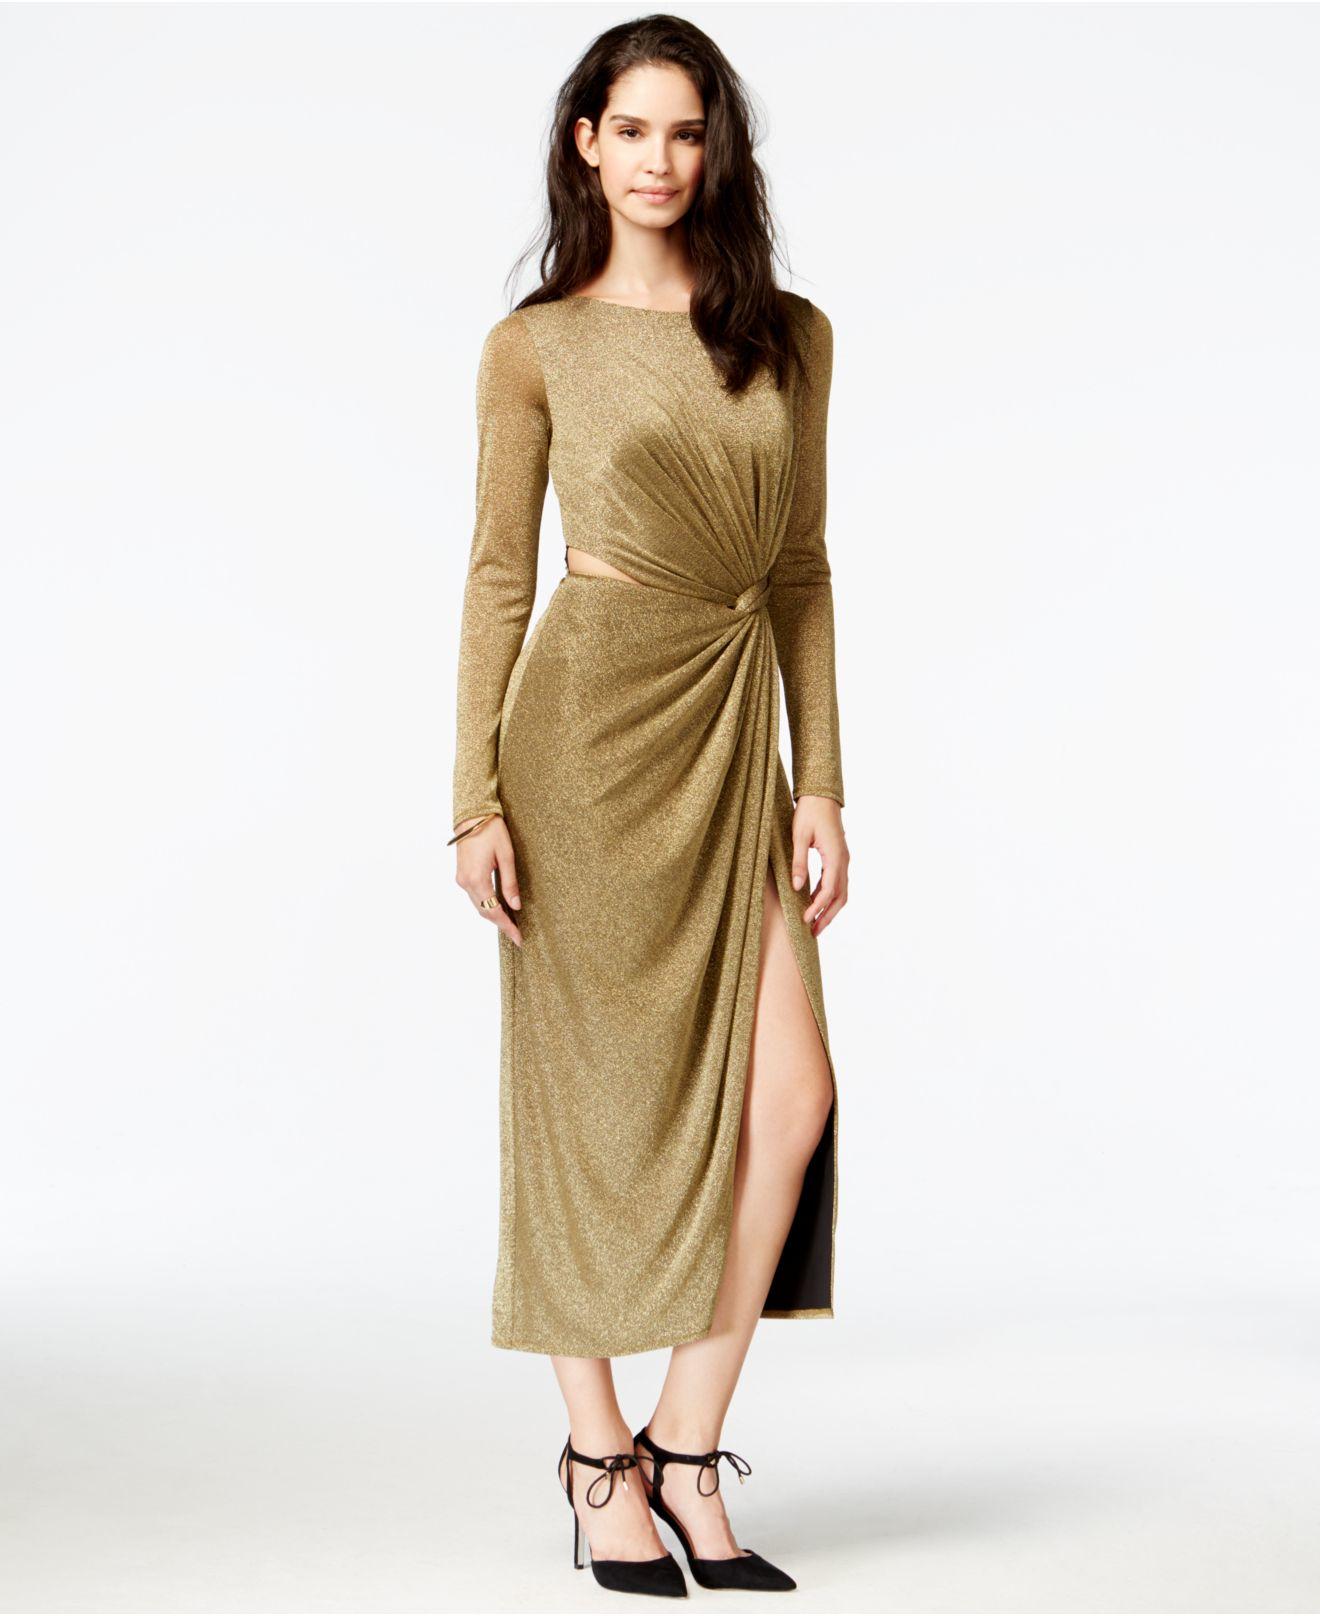 Lyst - RACHEL Rachel Roy Metallic Twist-front Maxi Dress in Metallic 864fc60df